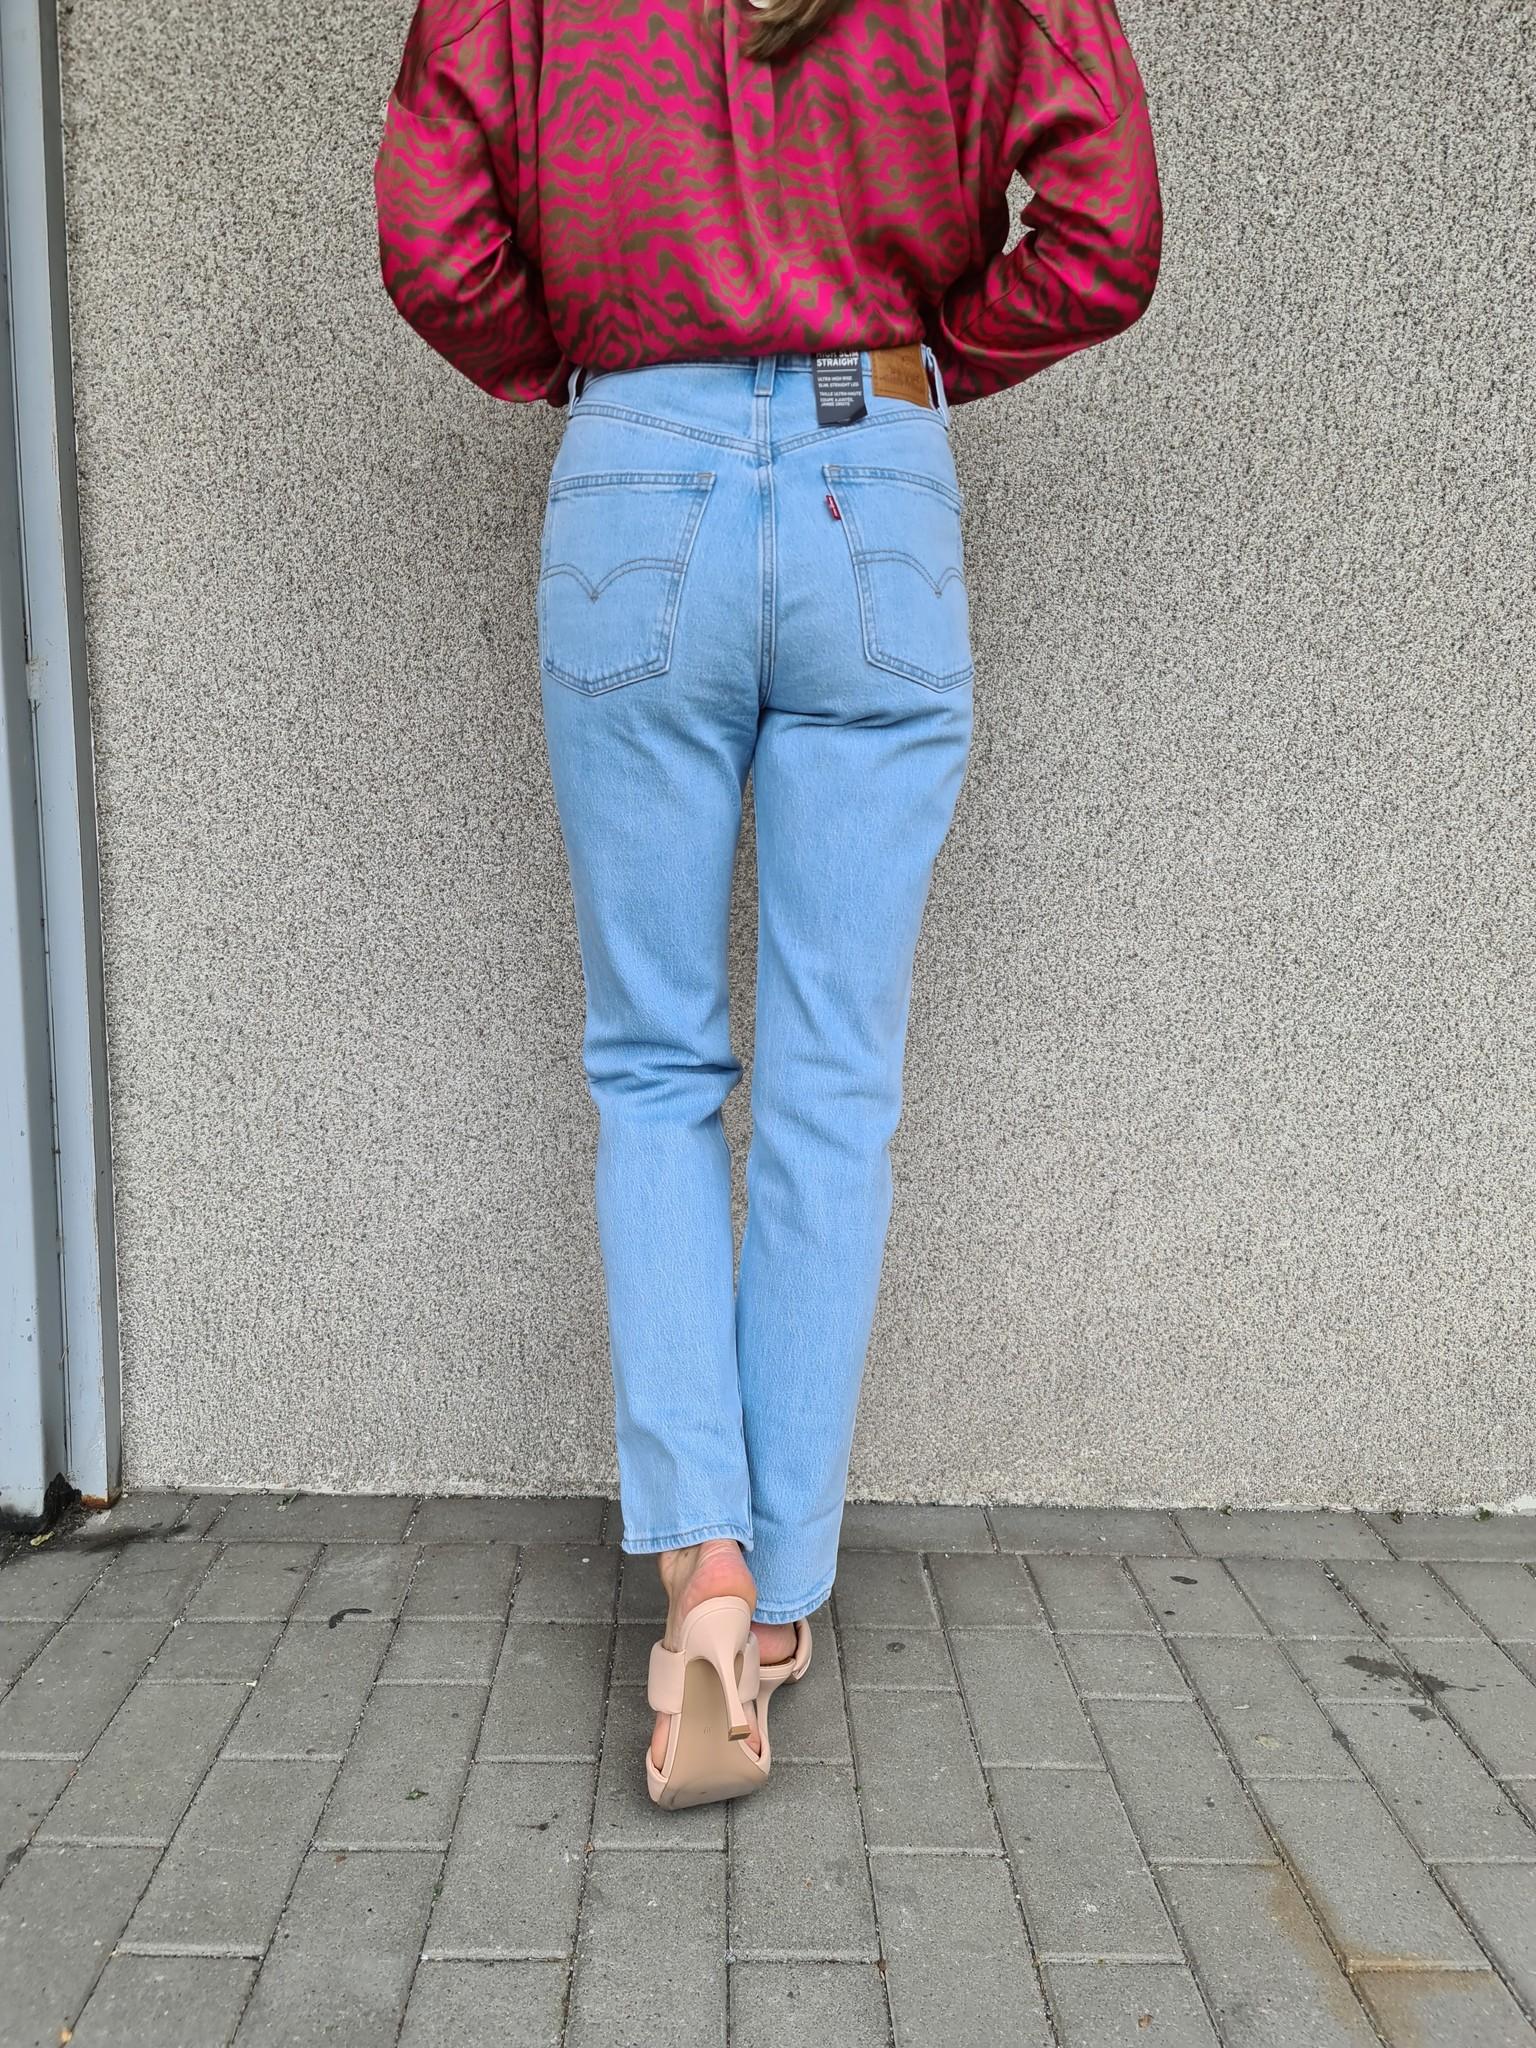 LEVIS jeans-5